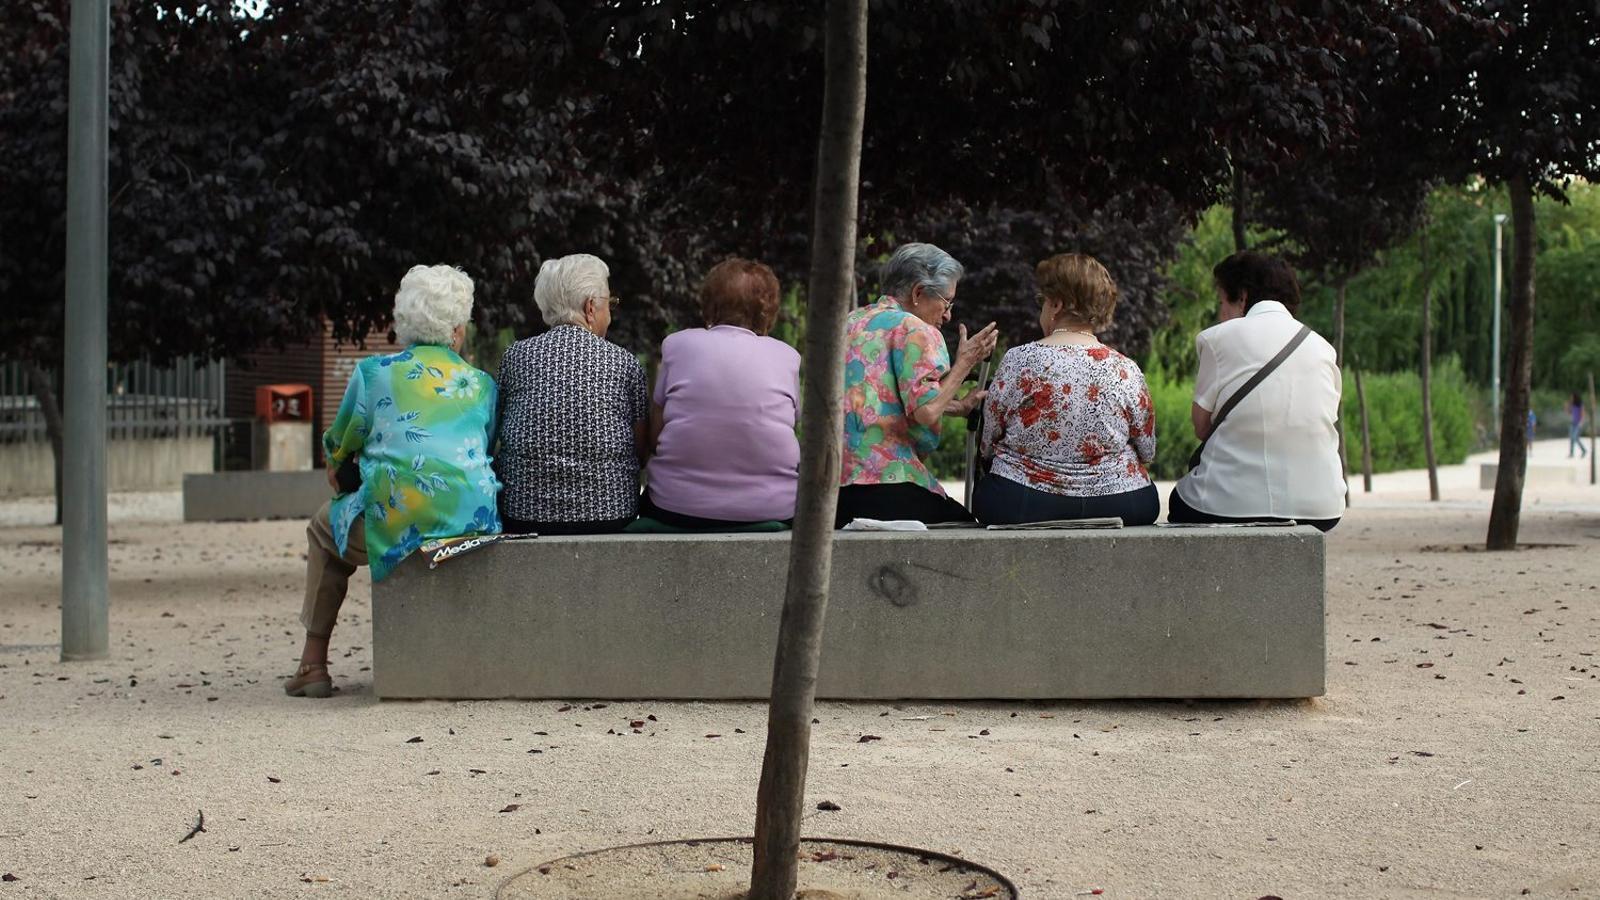 Els rendiments que genera la guardiola de les pensions han caigut un 21%, després del buidatge que n'ha fet l'Estat.